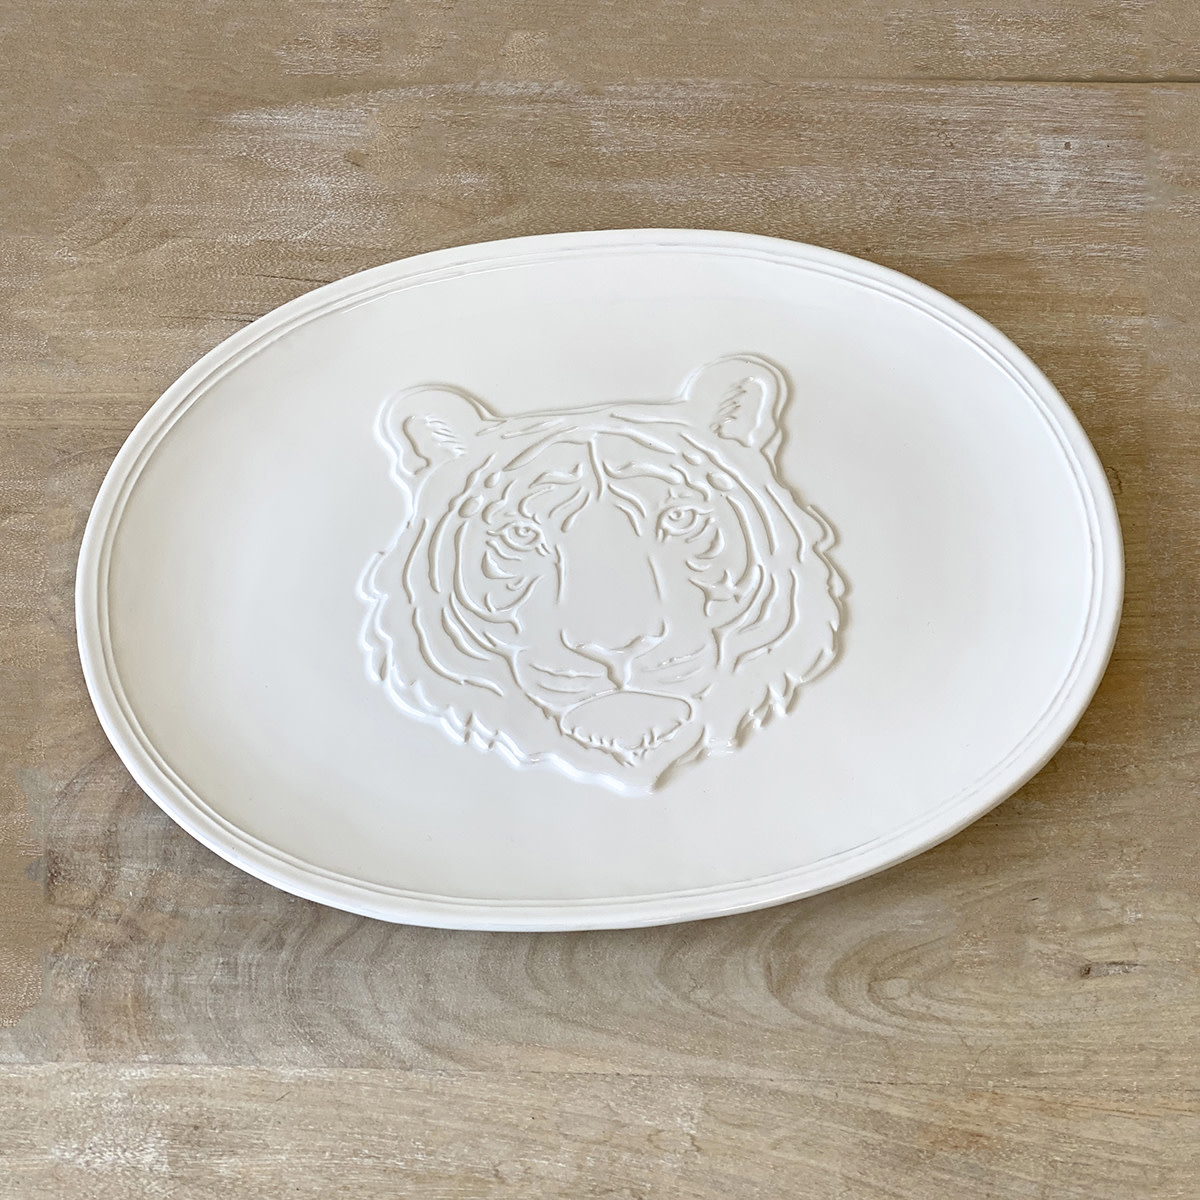 Tiger Embossed Platter